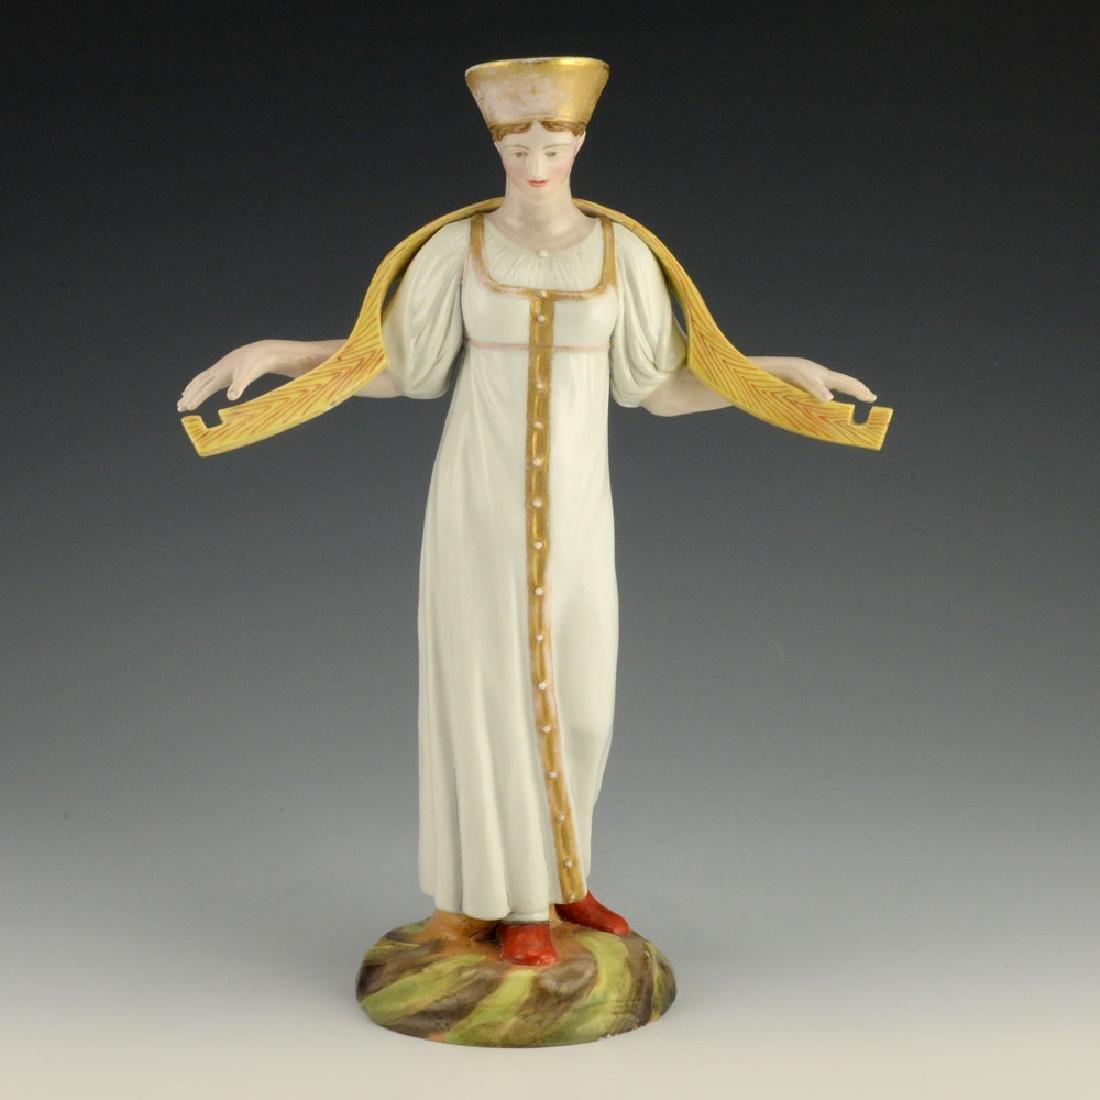 A Russian Gardner Porcelain Water Carrier Woman Statue